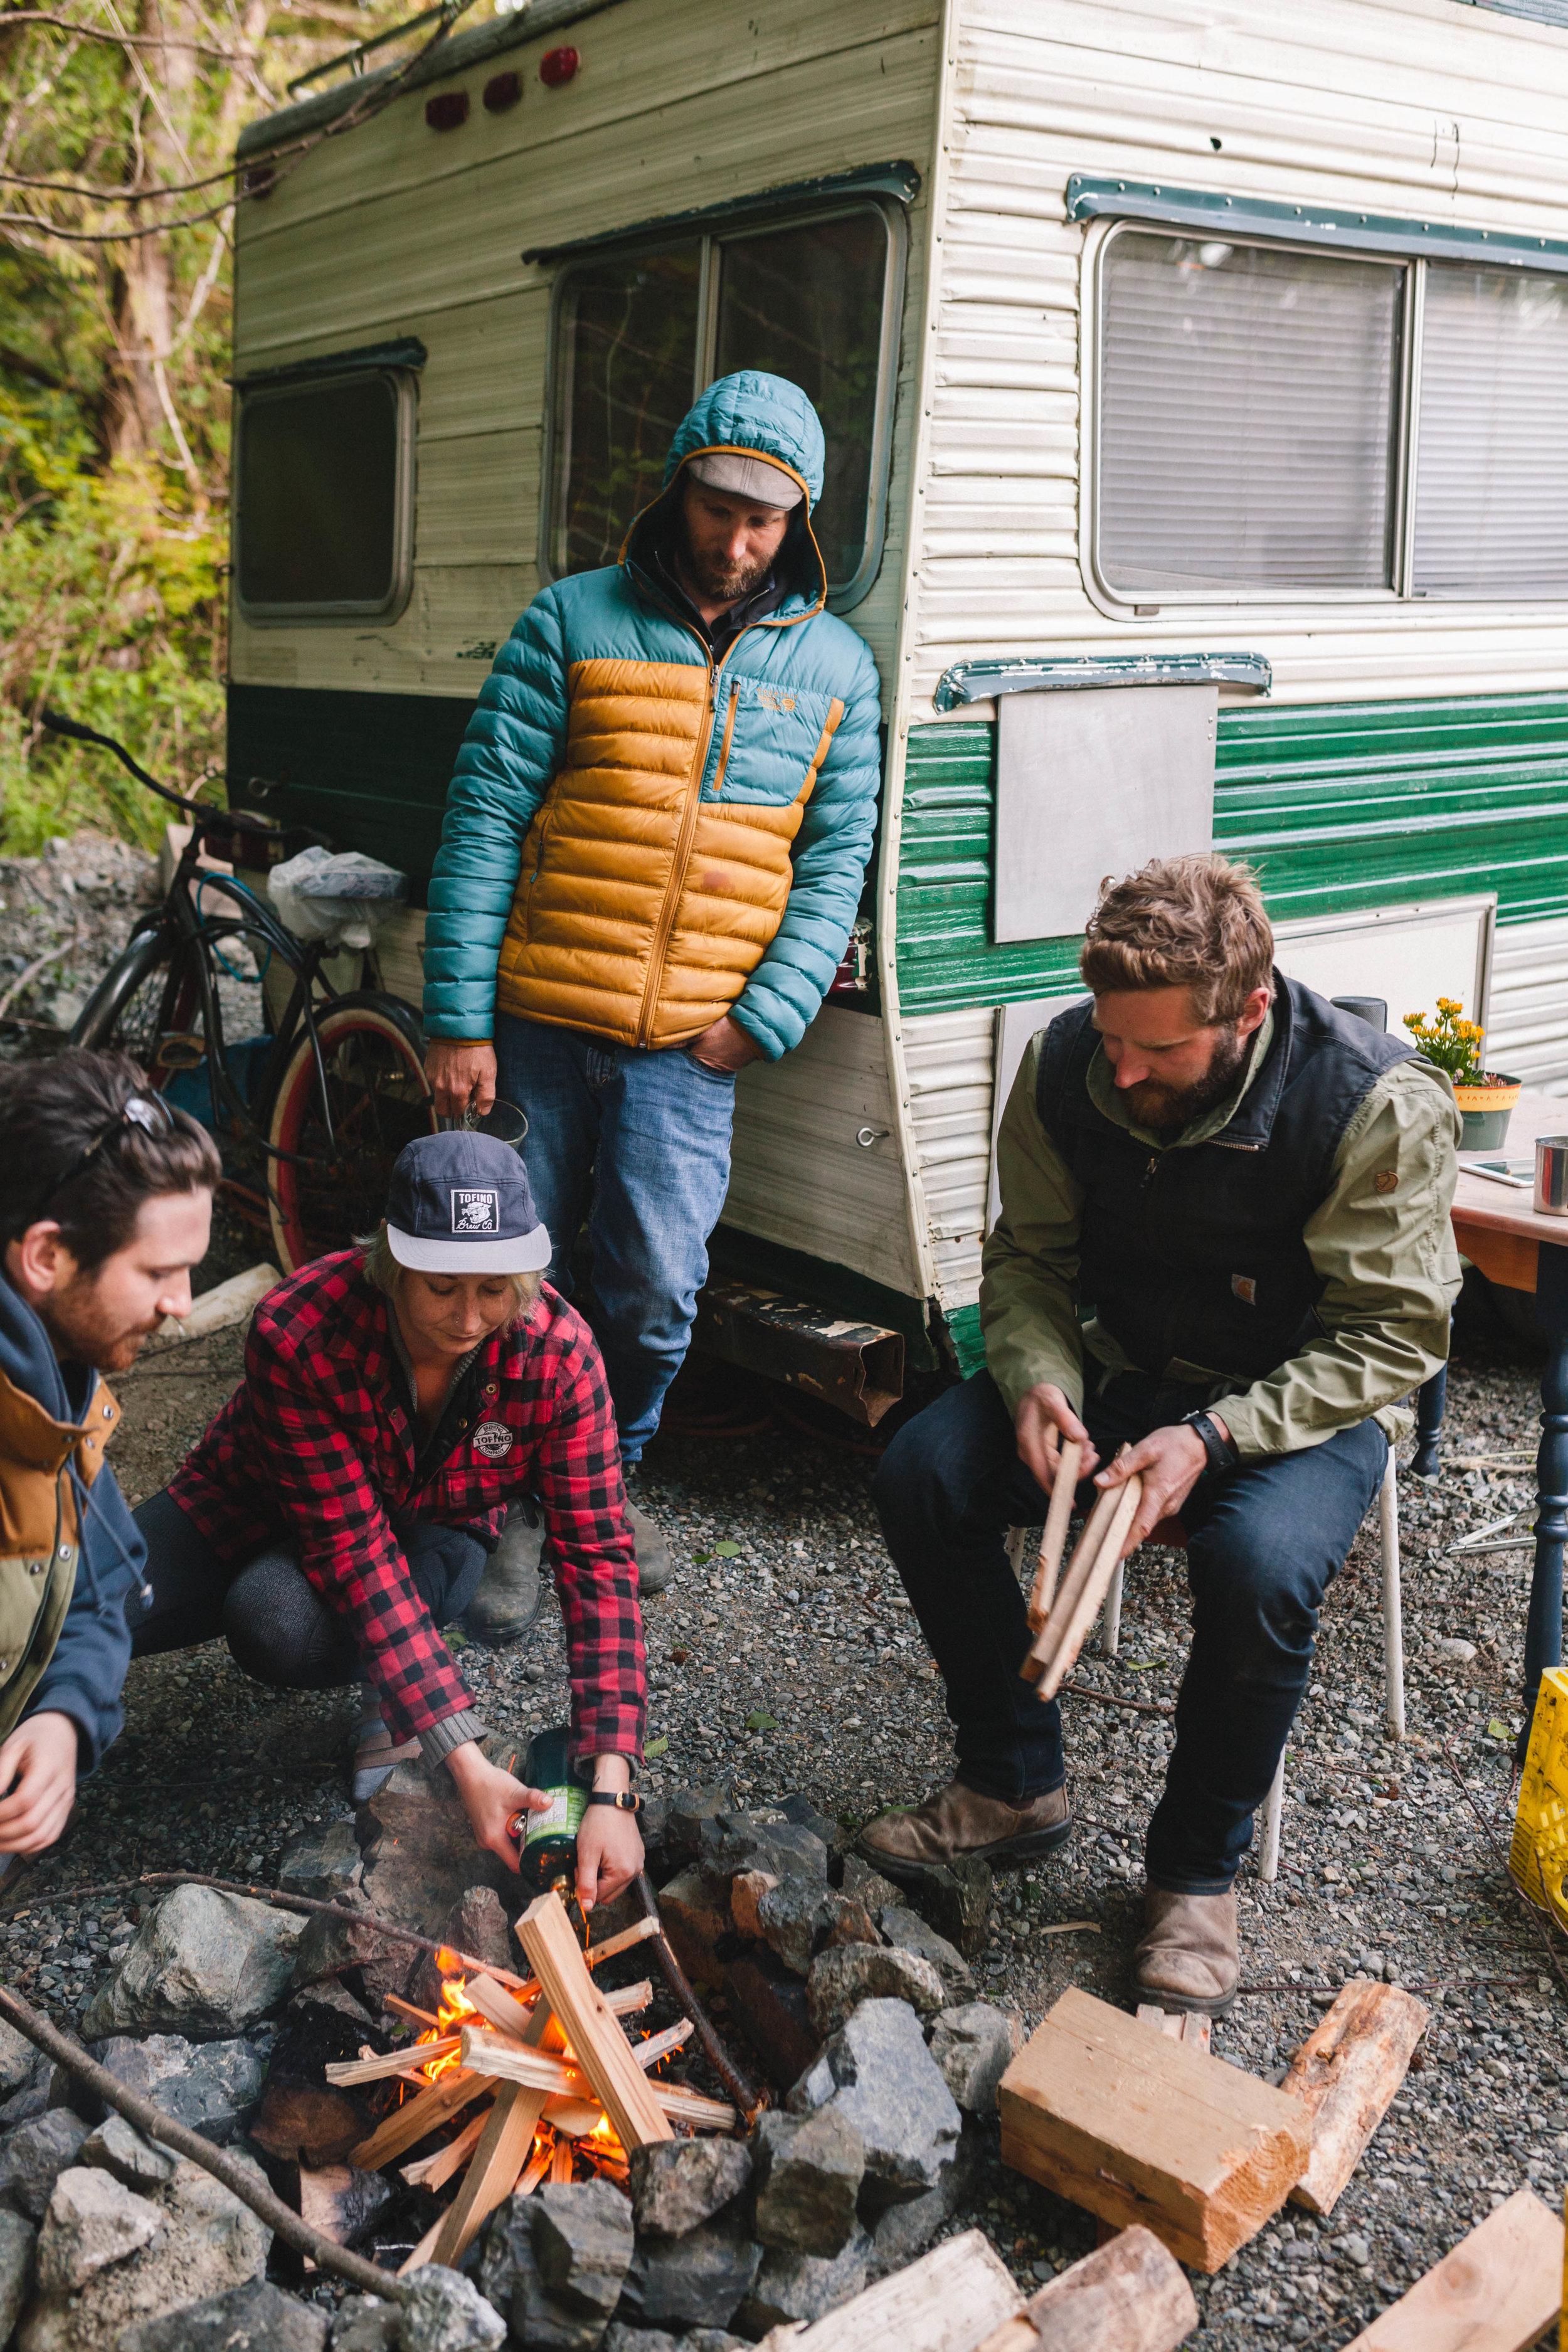 Trailer Park campfire